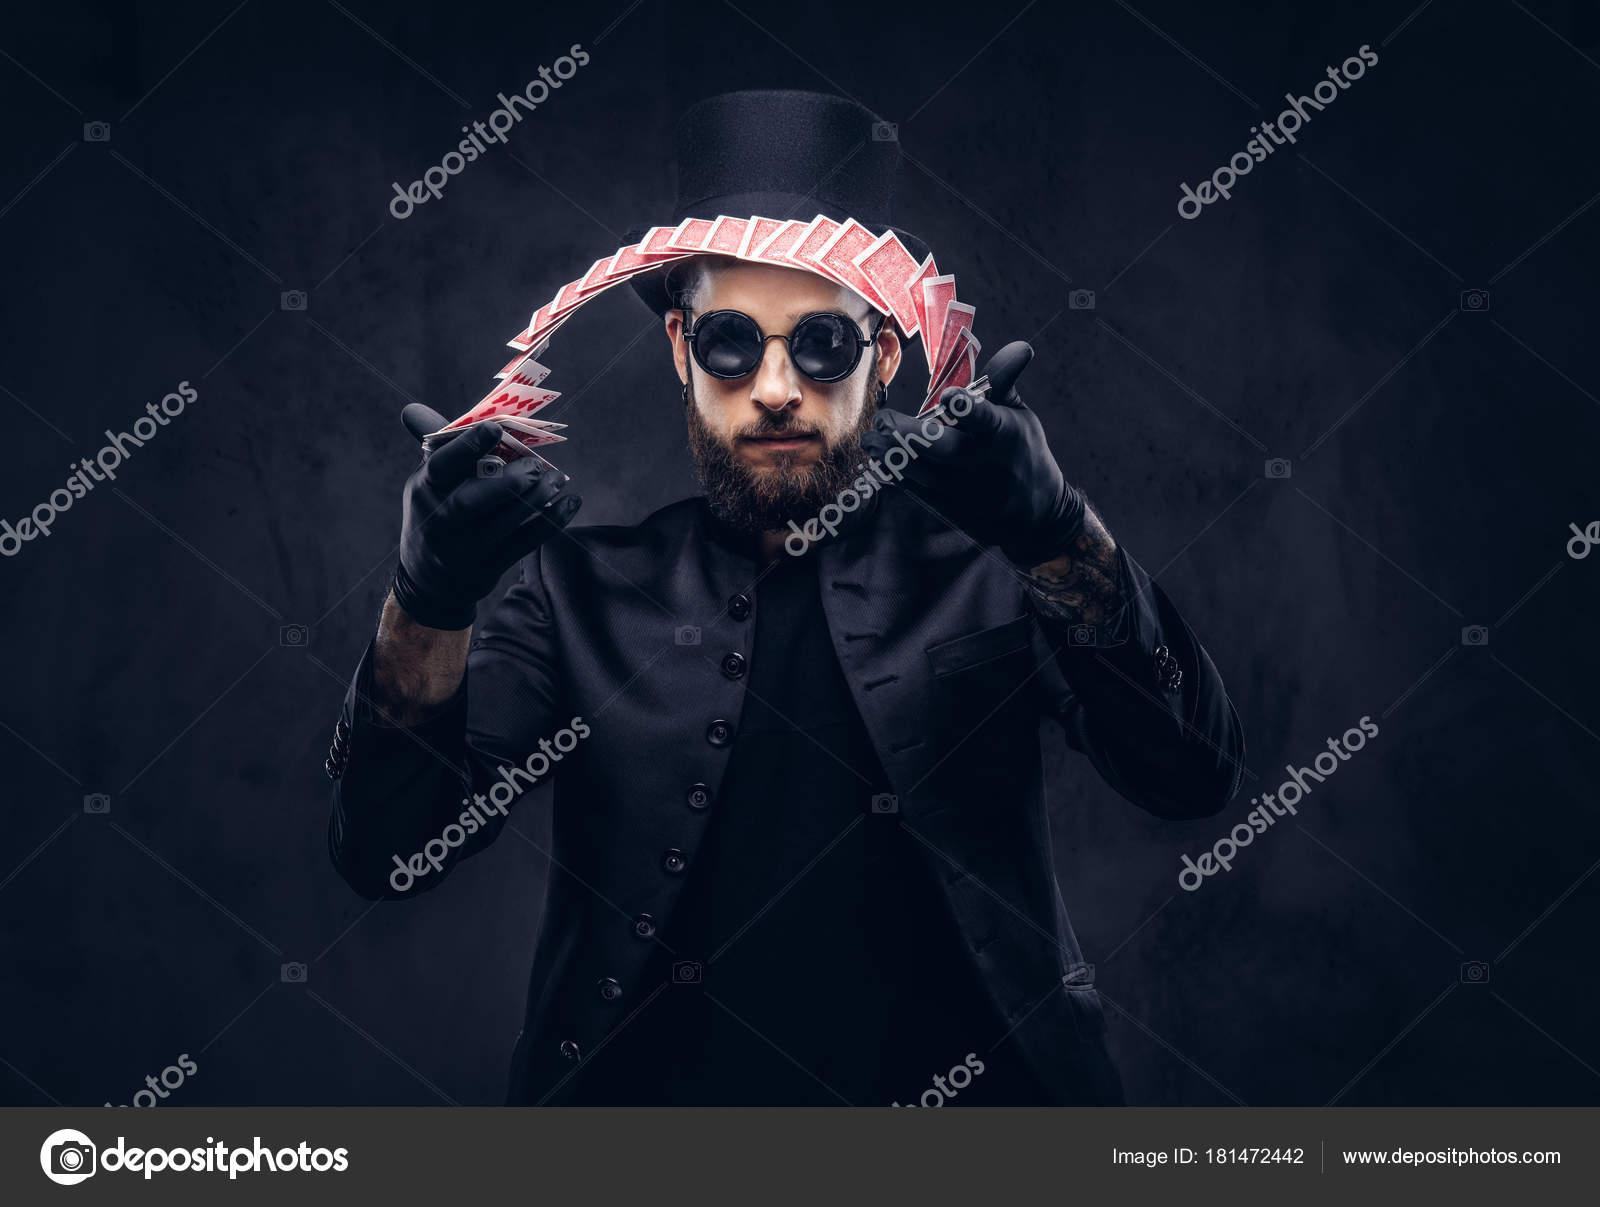 Schwarzer Anzug, Hut und Sonnenbrille